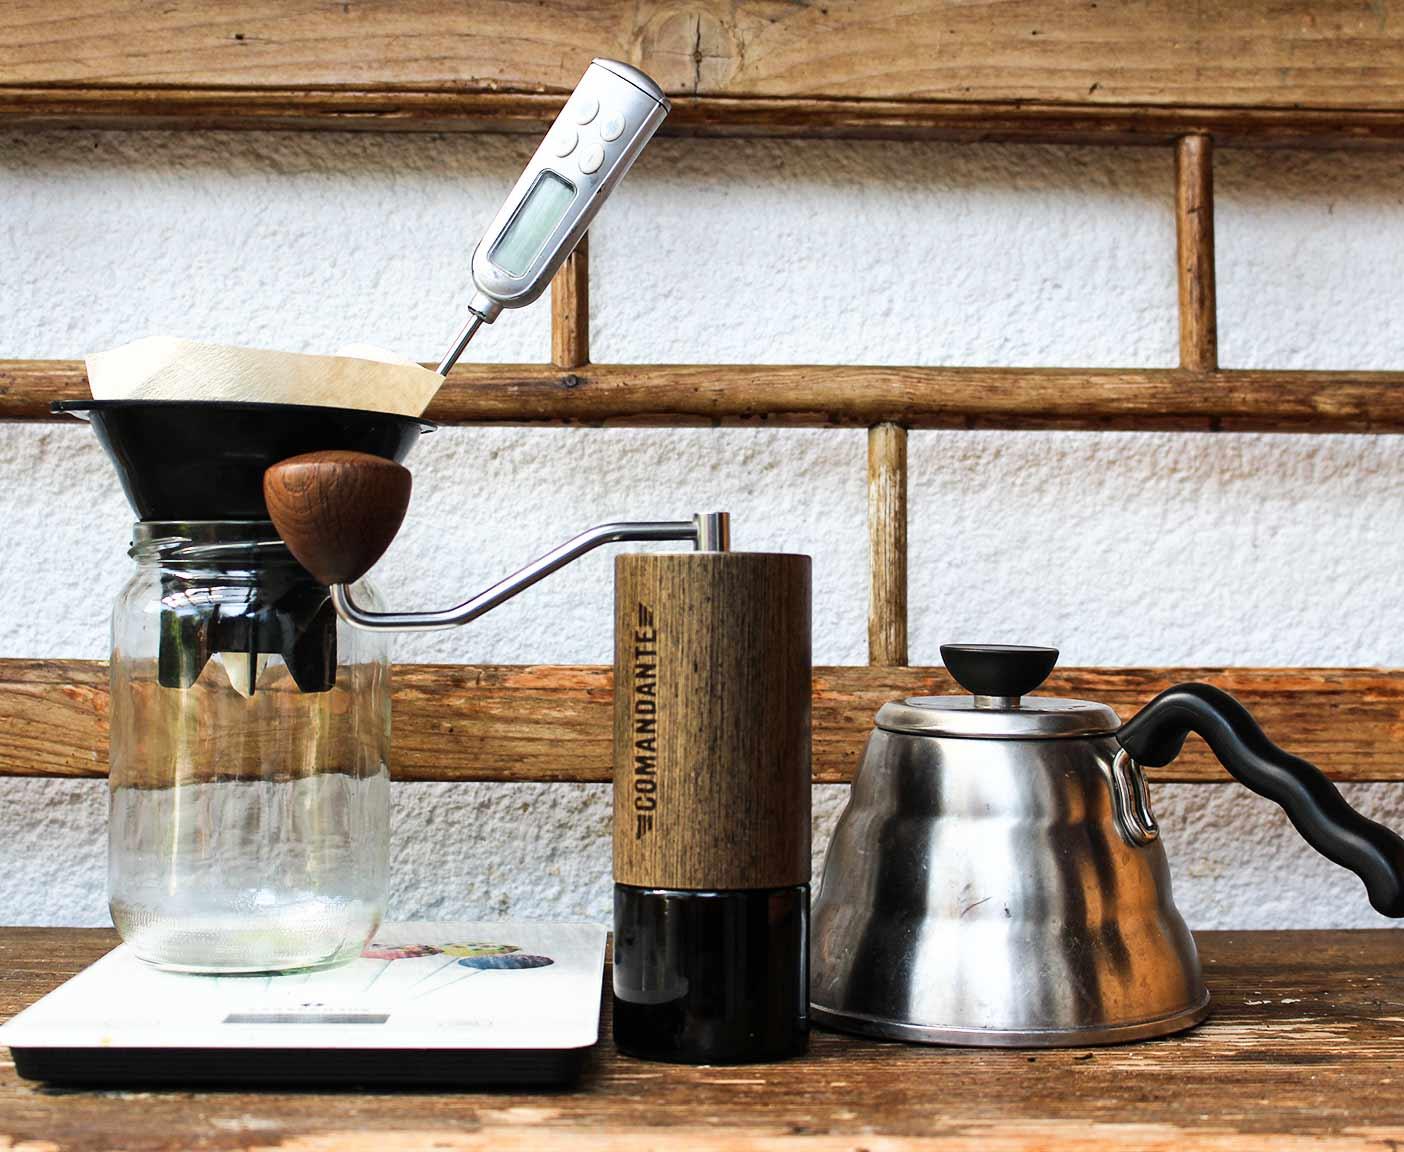 set-guter-kaffee-wohnmobil